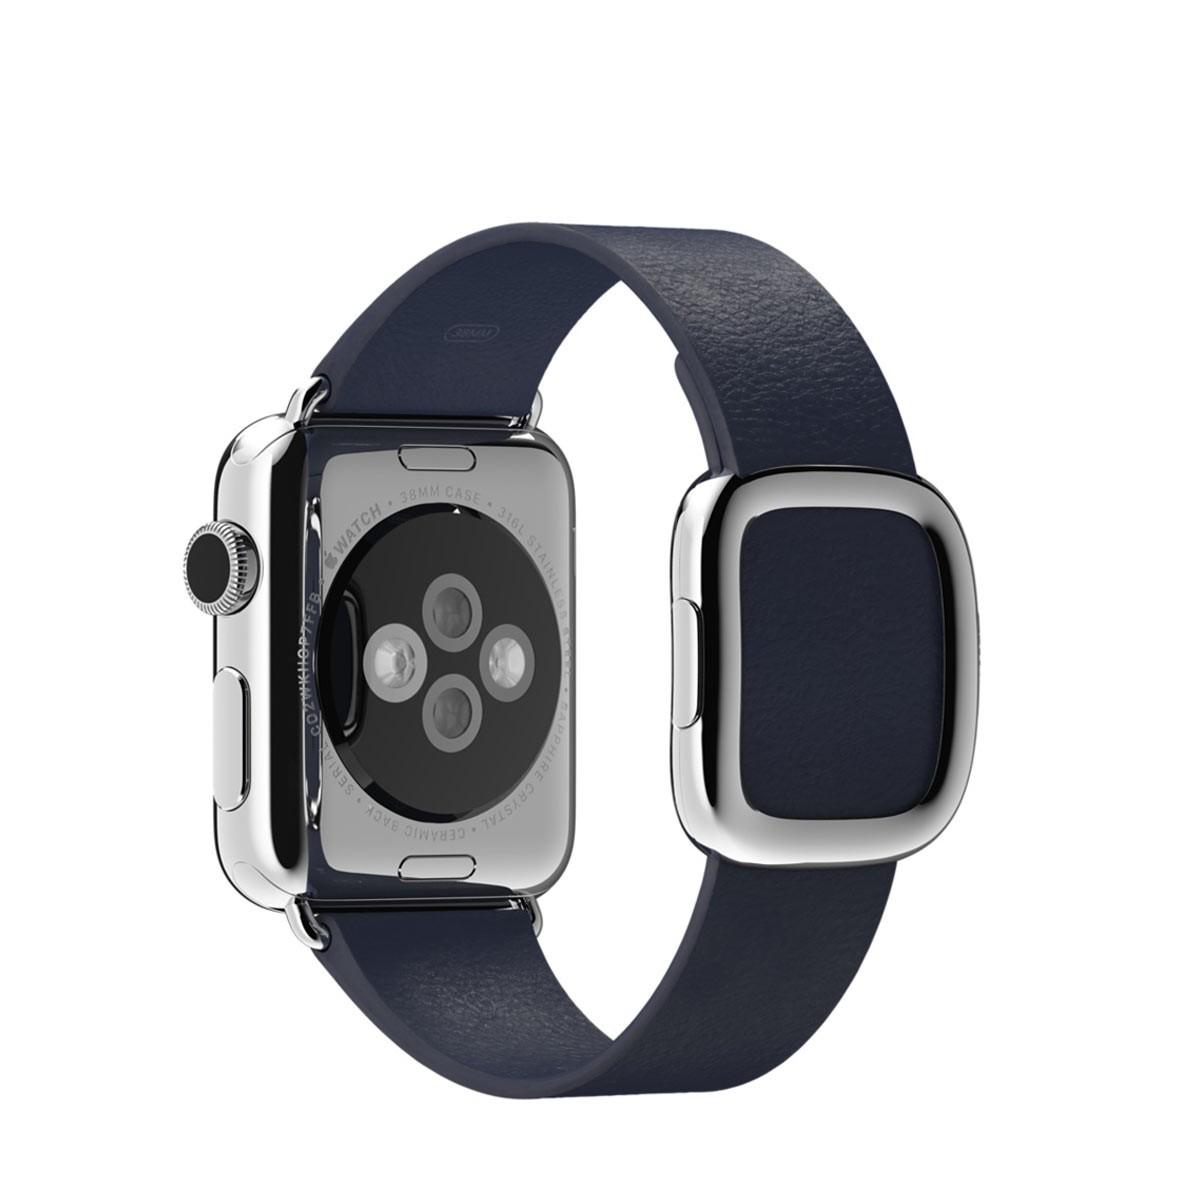 Apple 38mm půlnočně modrý řemínek s moderní přezkou – velký